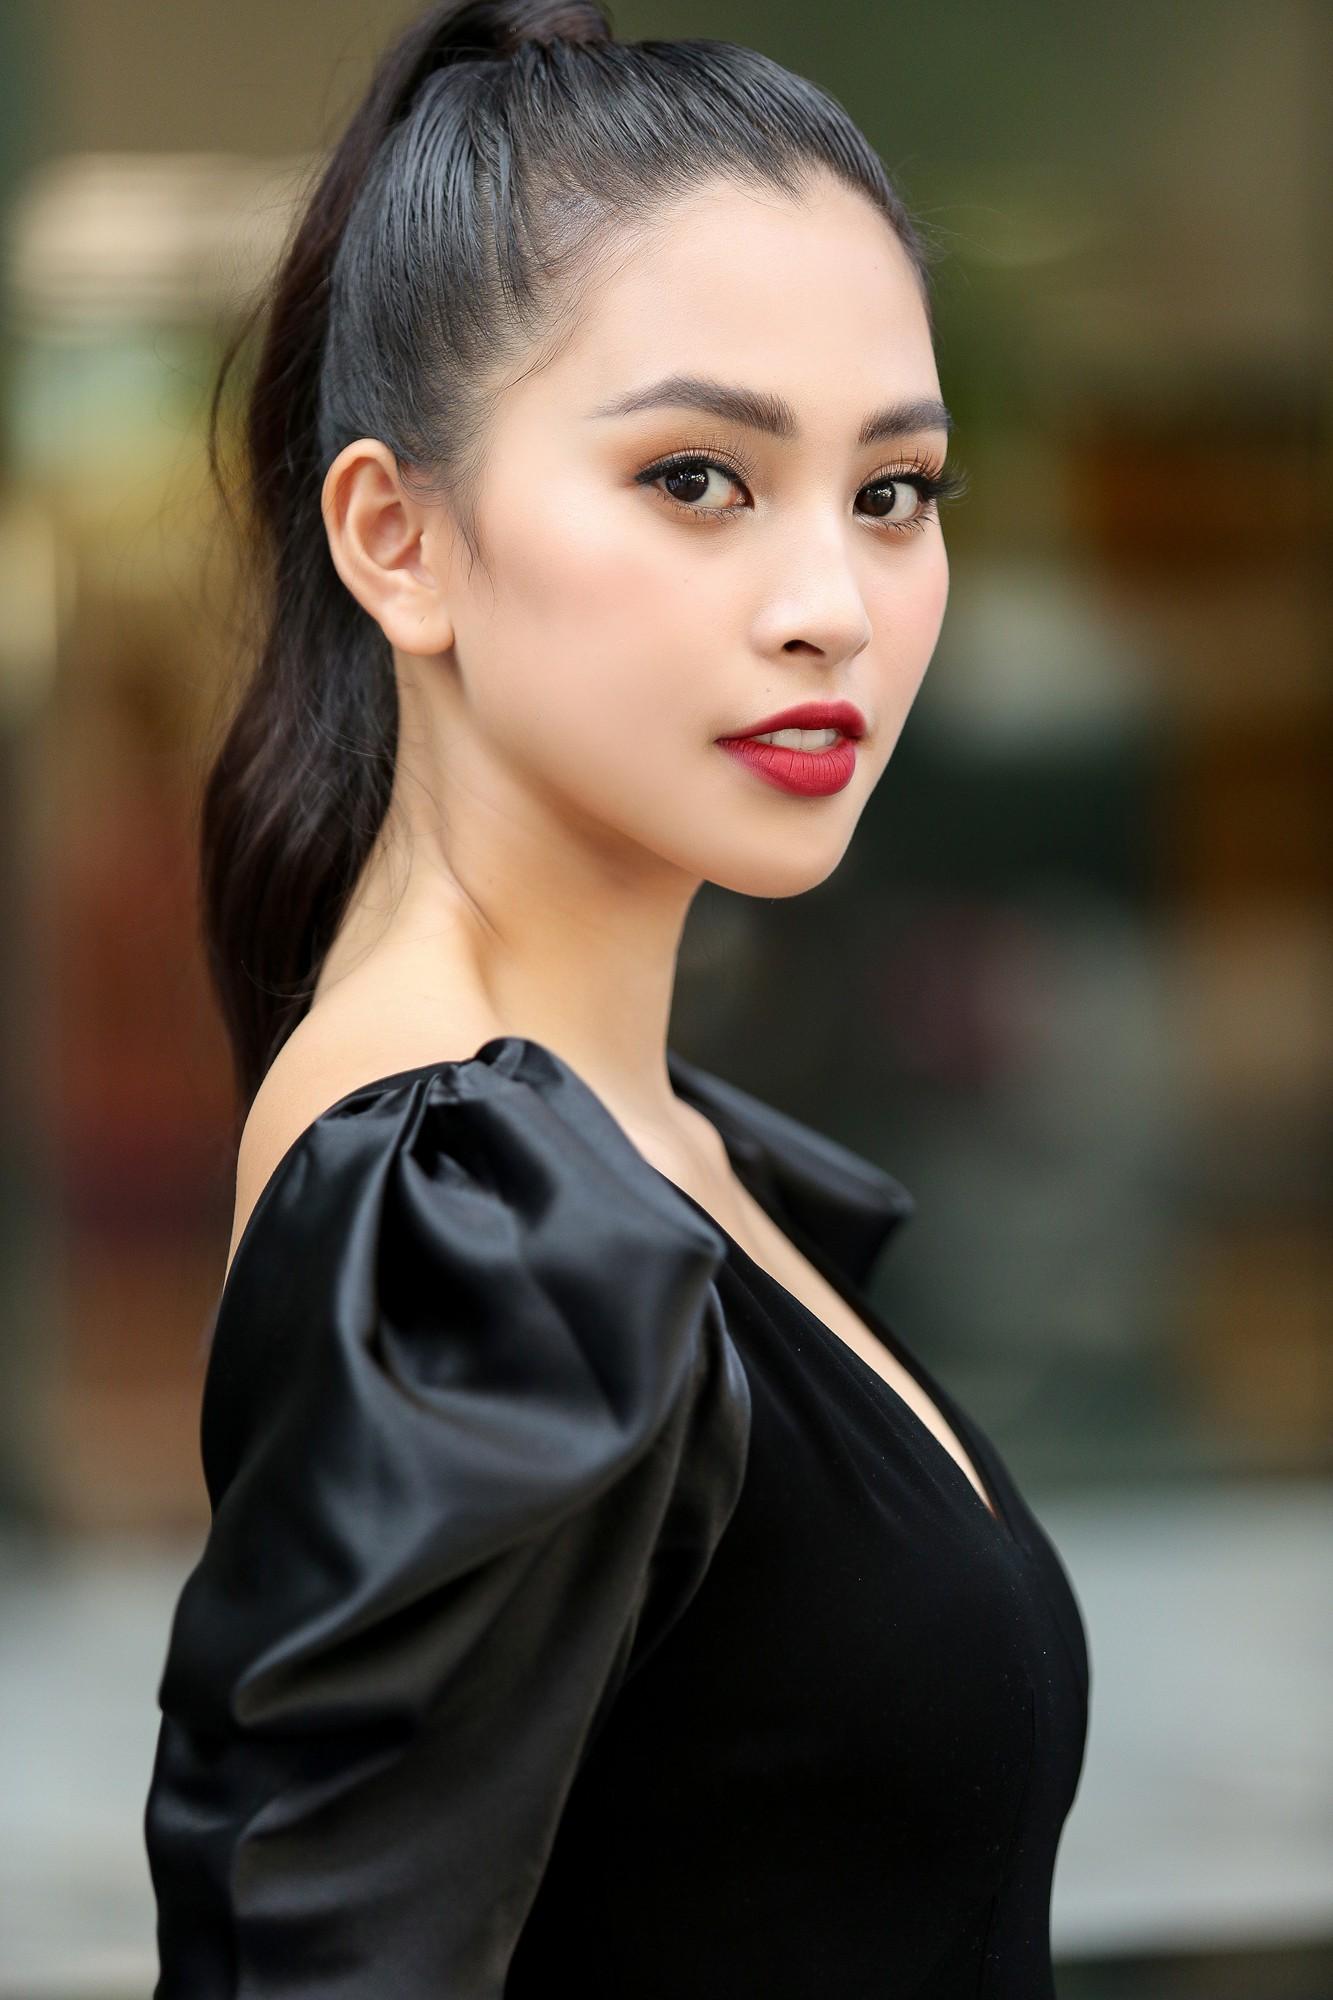 Mai Phương Thúy, Tiểu Vy đọ sắc tại vòng sơ khảo Hoa hậu Thế giới Việt Nam 2019   - Ảnh 2.